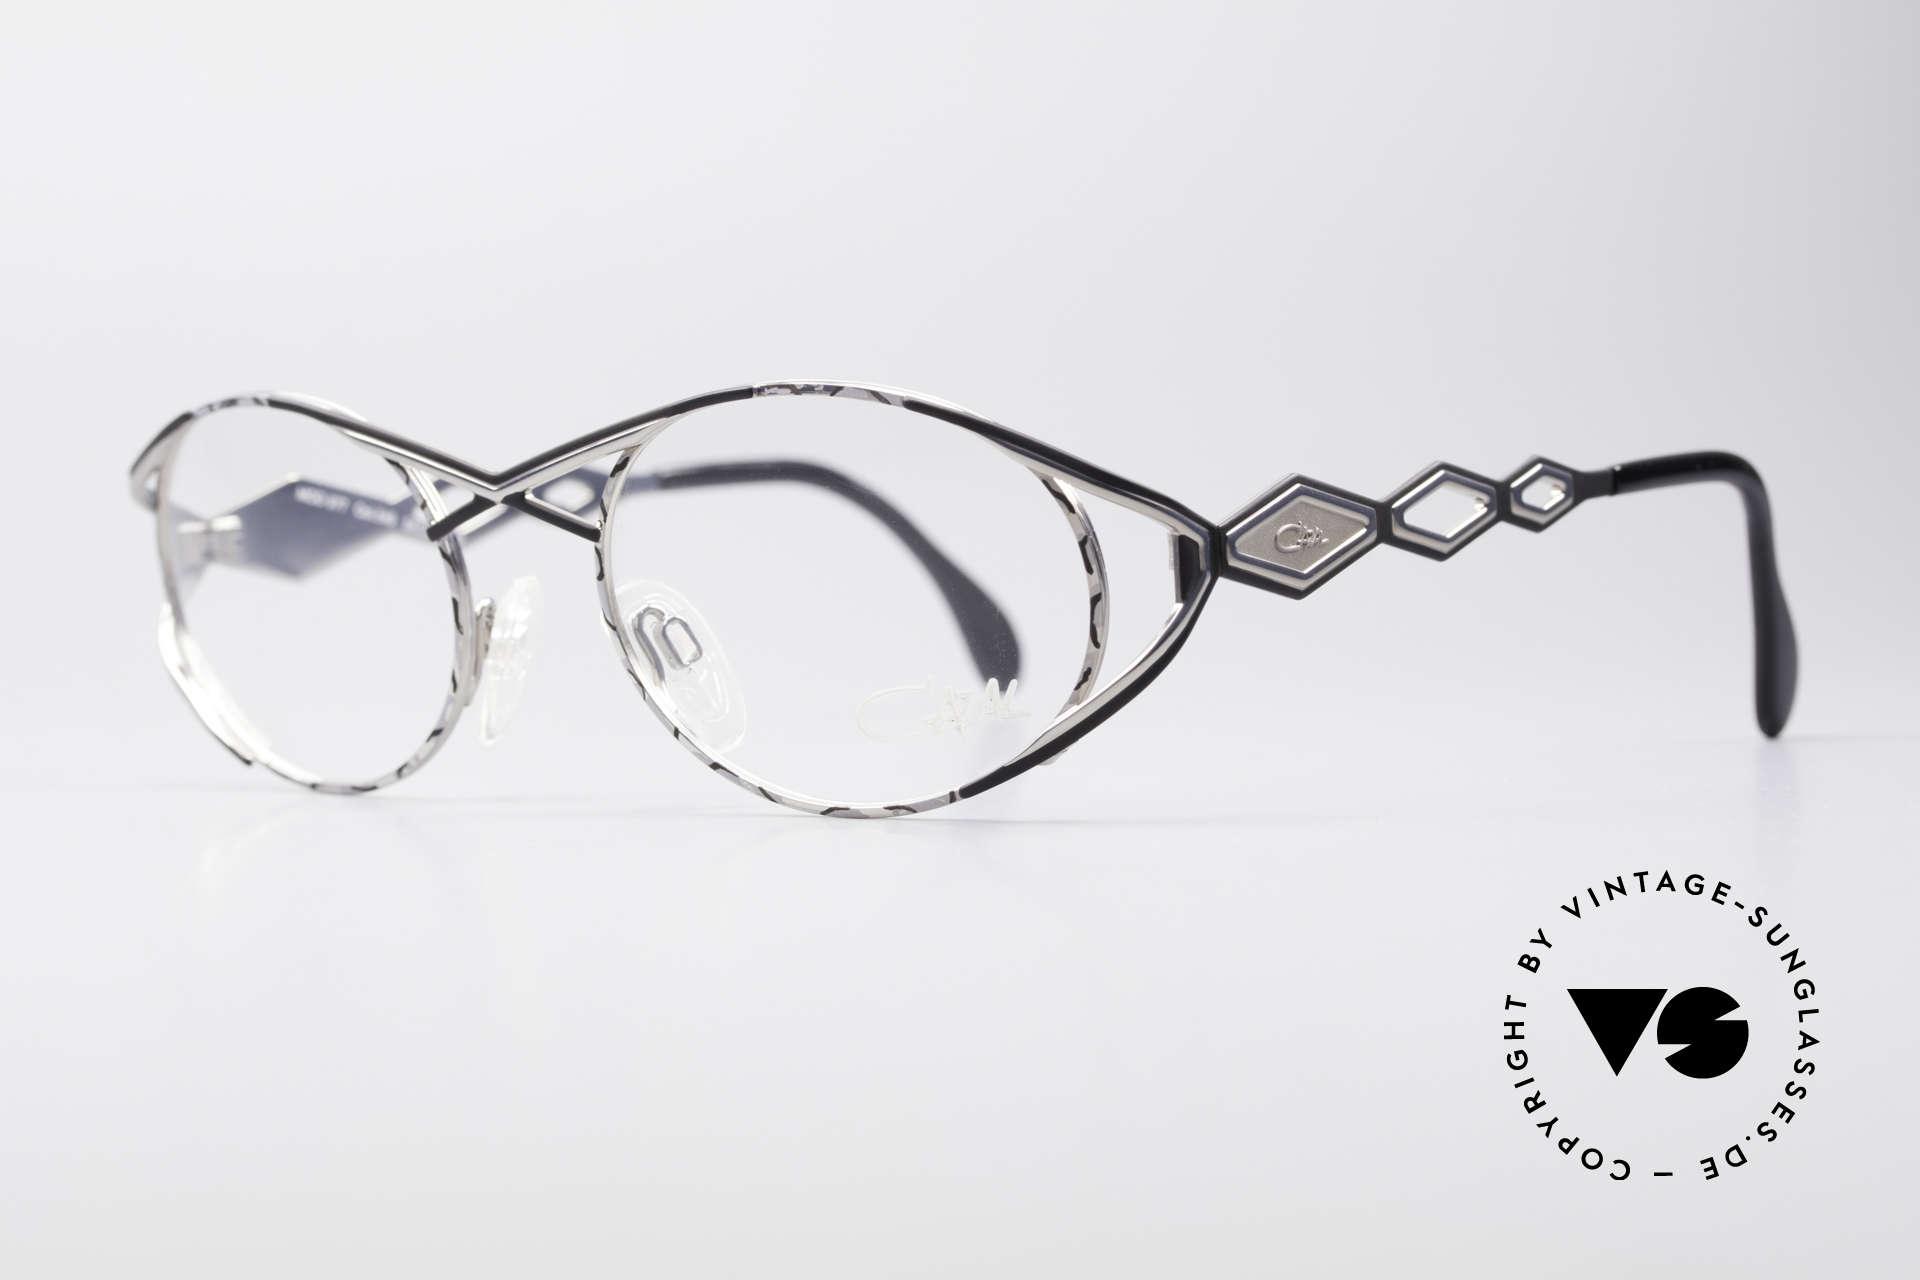 Cazal 977 Vintage Designer Brille Damen, sehr glamouröse Design-Elemente; schwungvoll chic, Passend für Damen